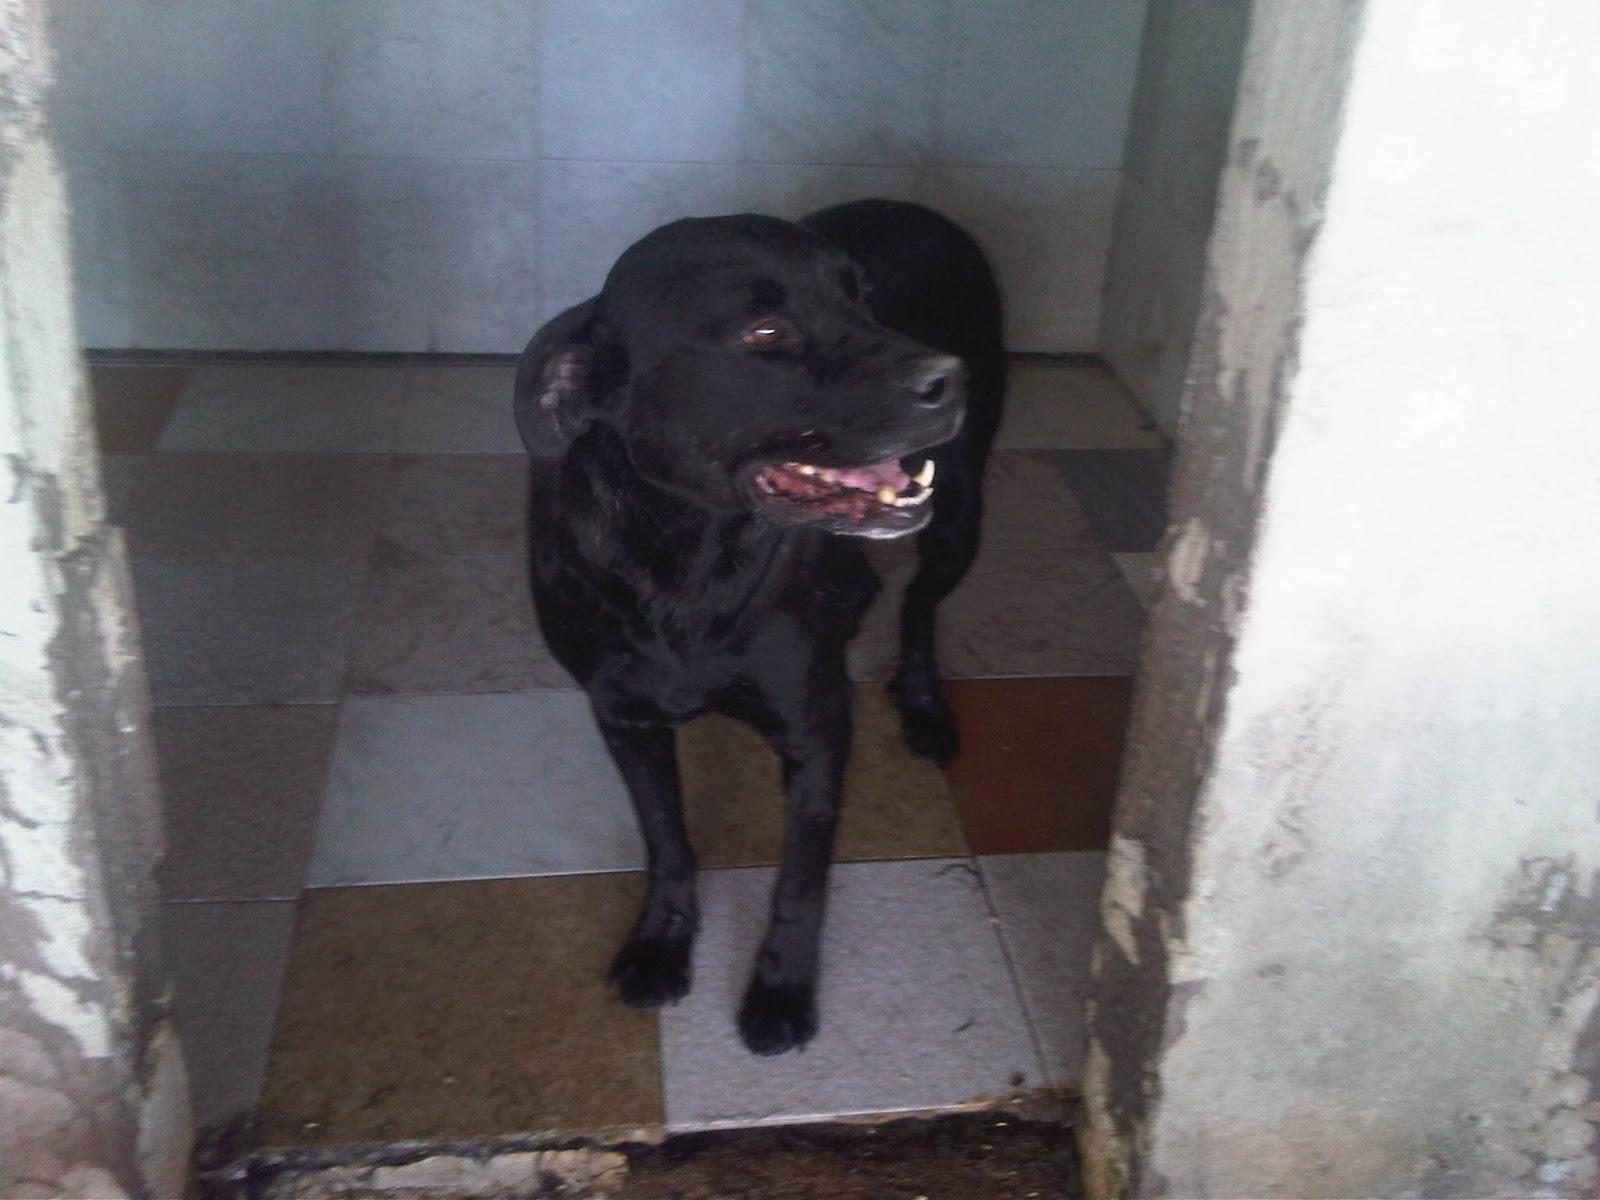 Associazione amici del cane di latina nero vive da sempre - Portare il cane al canile ...